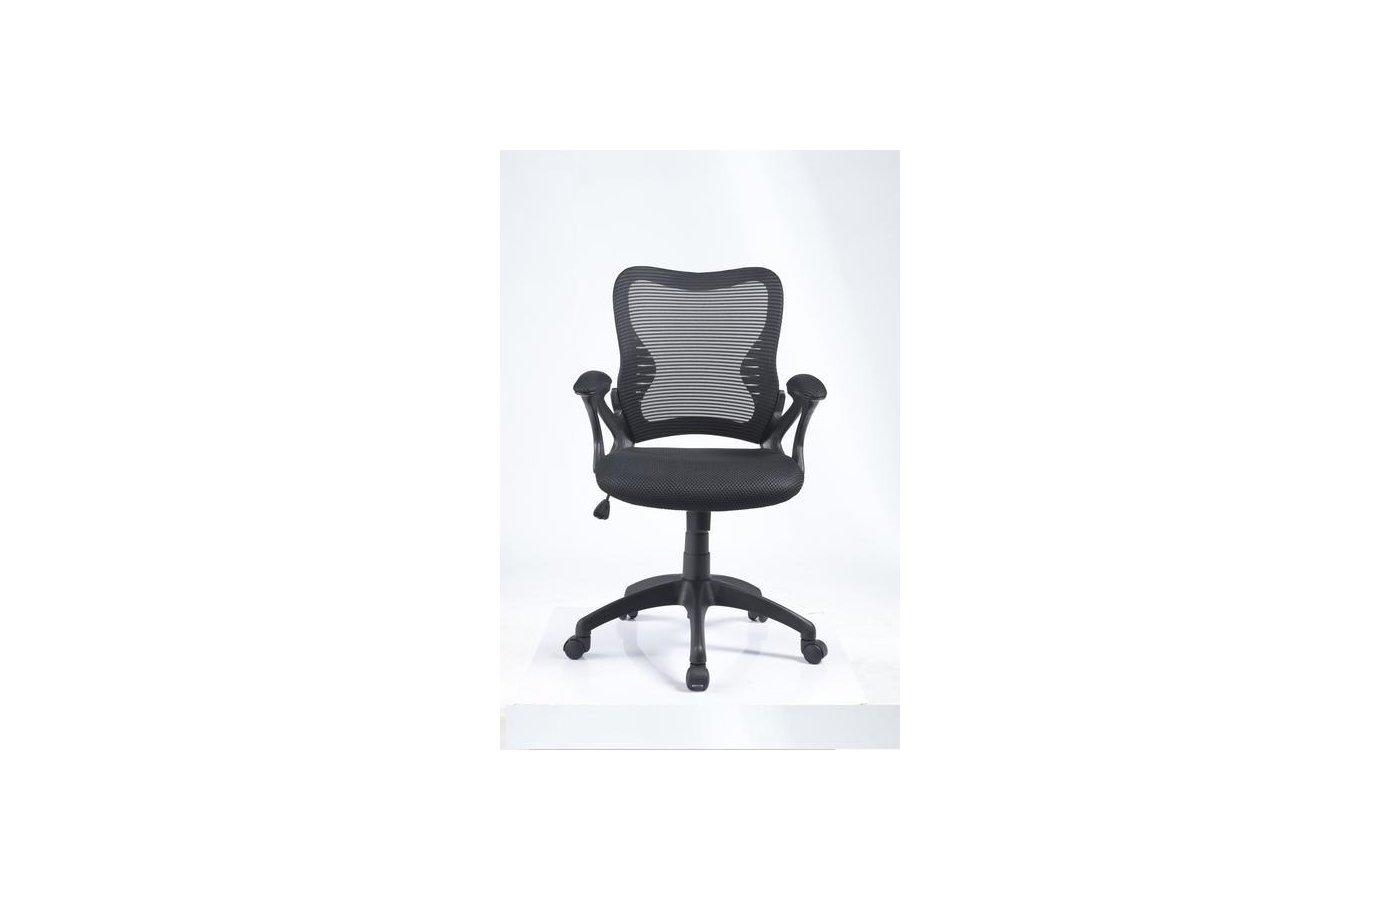 College Кресло офисное HLC-0758F Черный, сетчатый акрил, 120 кг, подлок. с мягк. накладками, высота